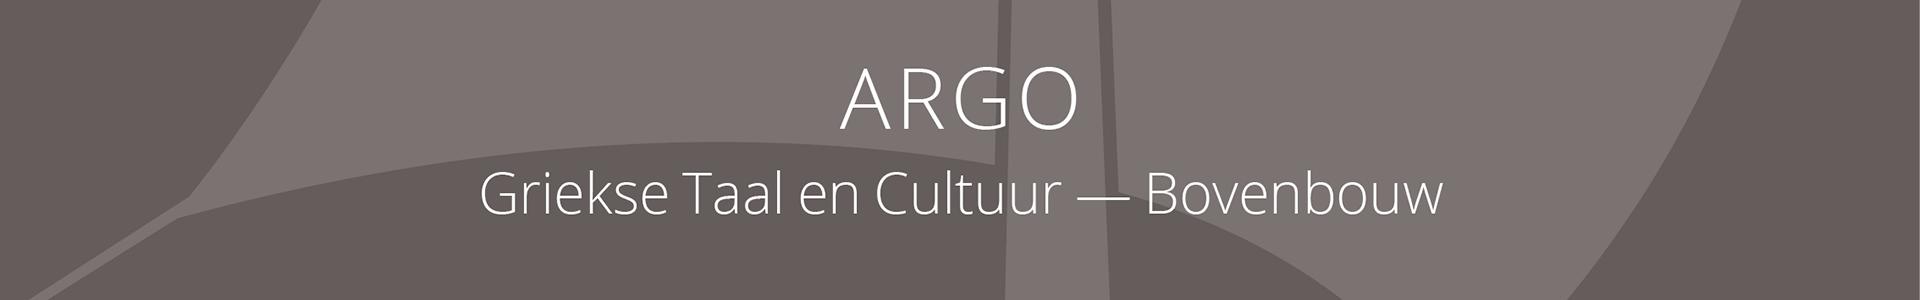 ARGO Griekse Taal en Cultuur bovenbouw